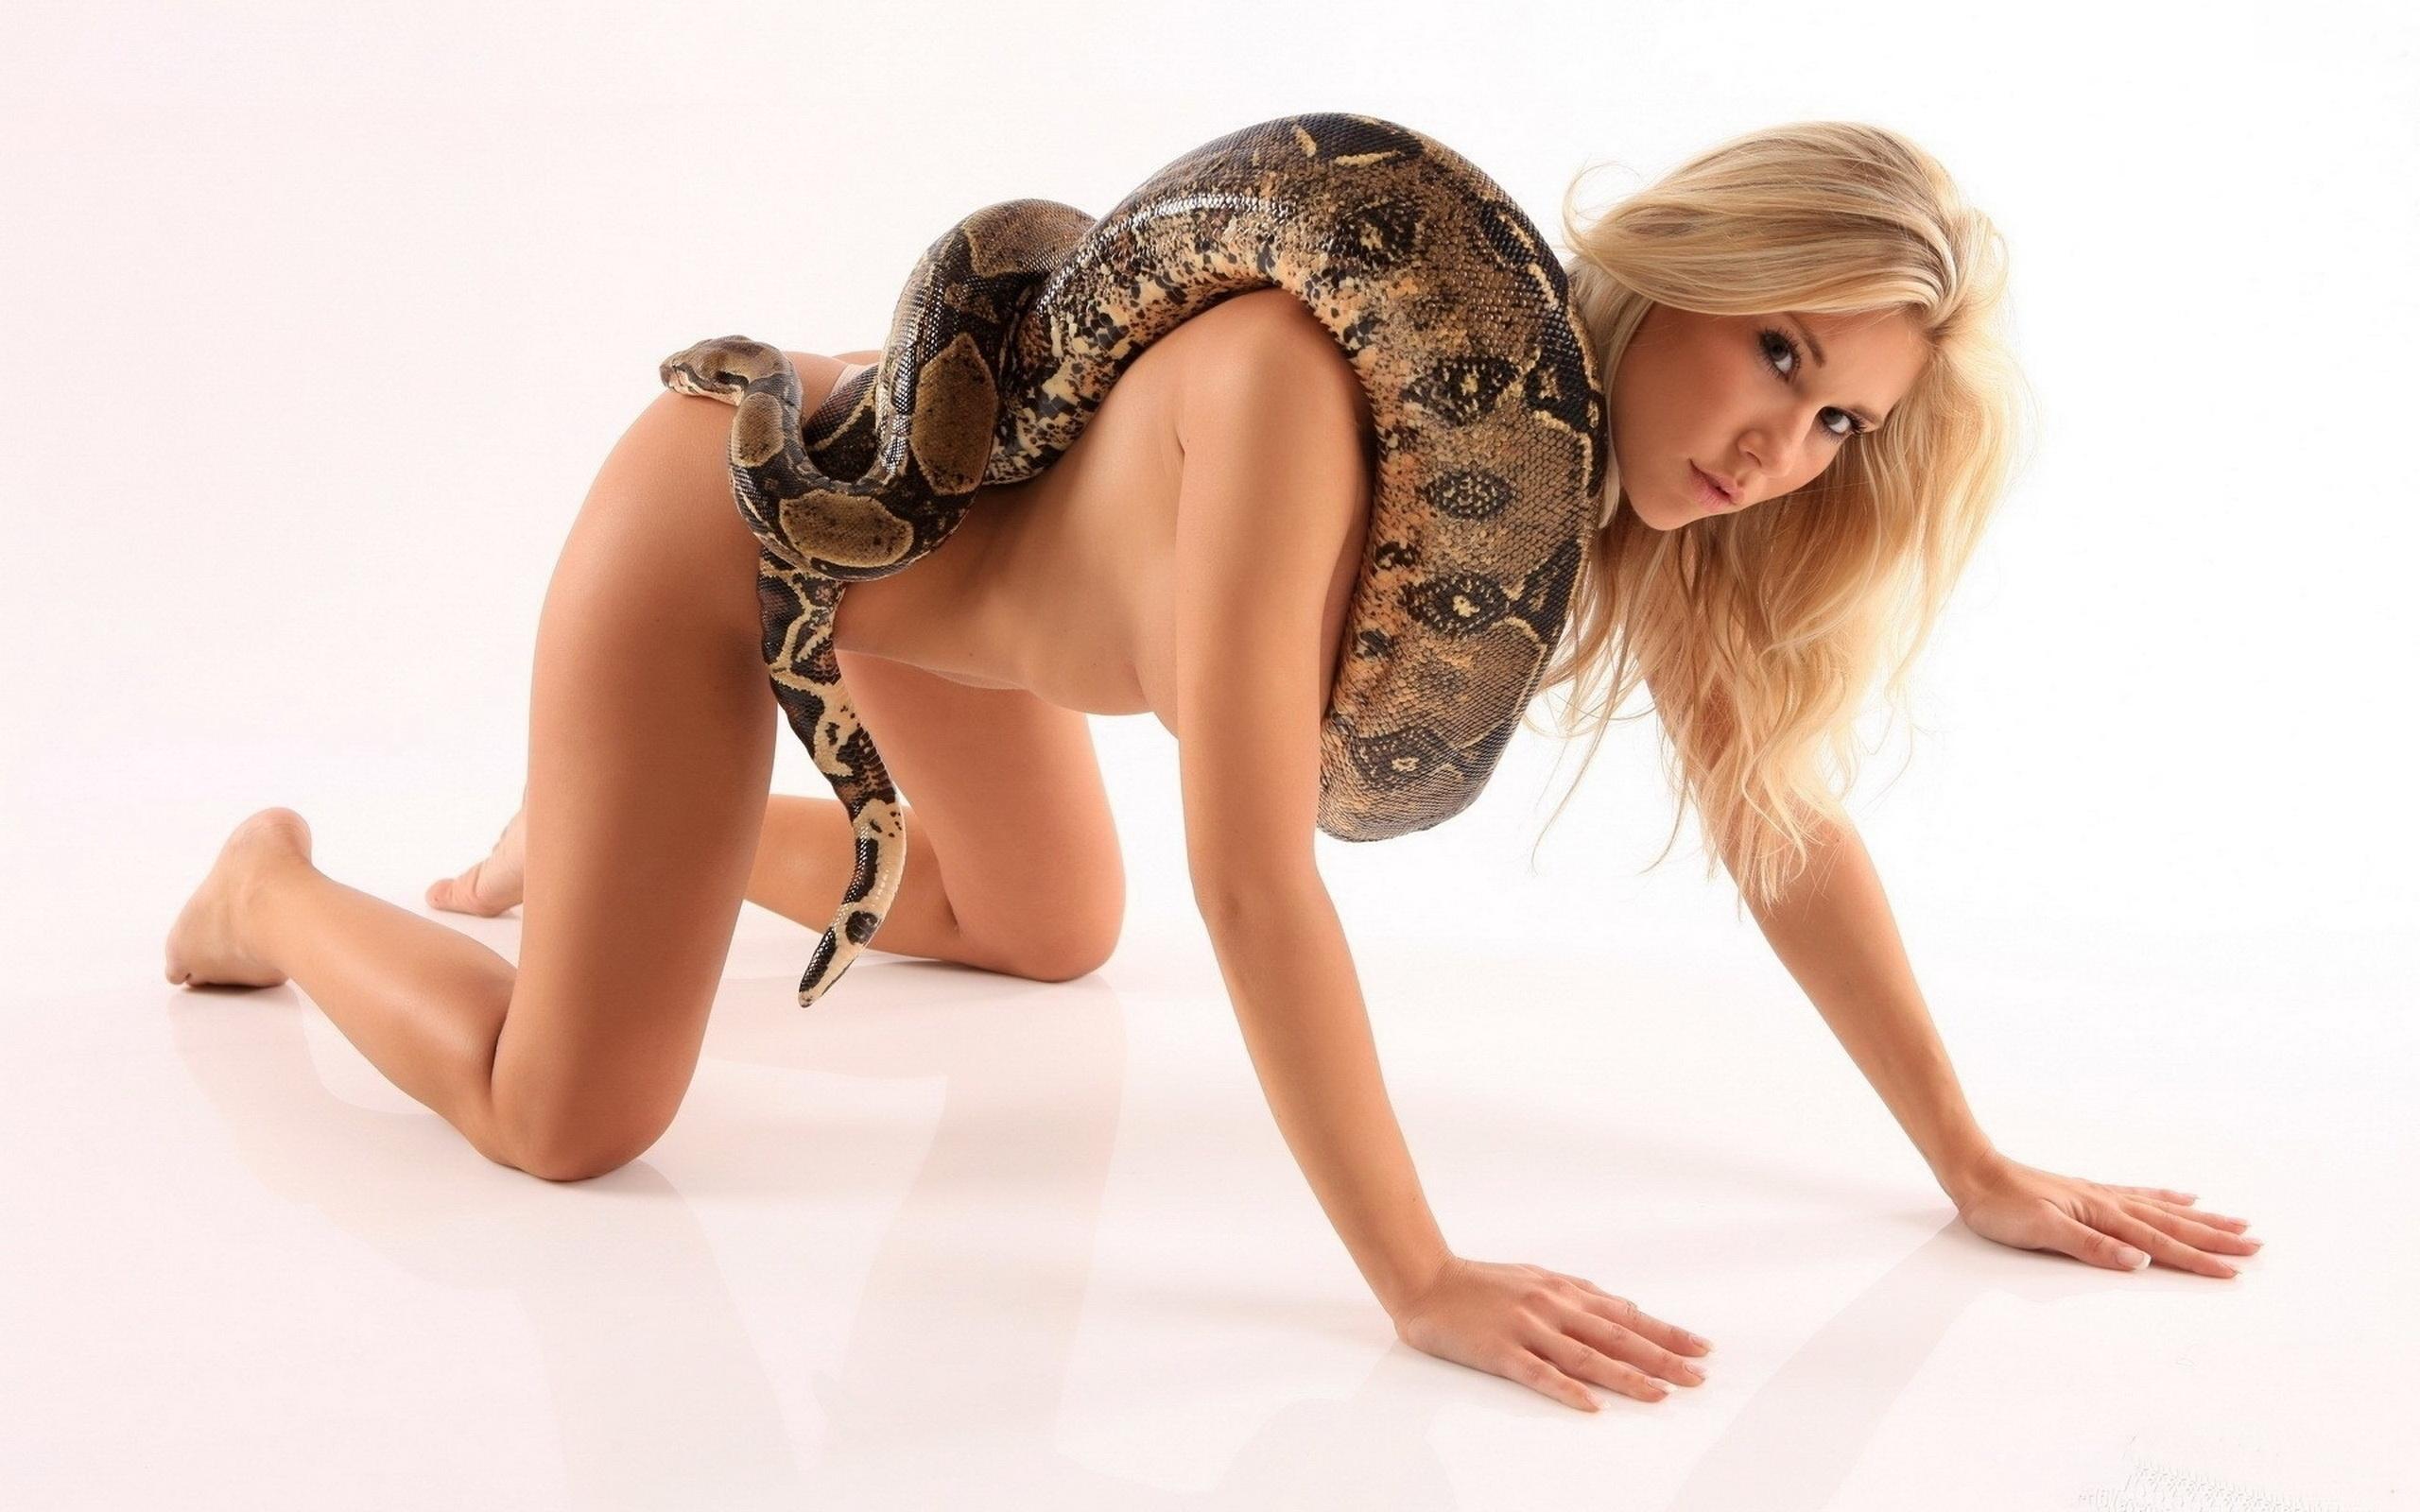 hot girl fucking snake